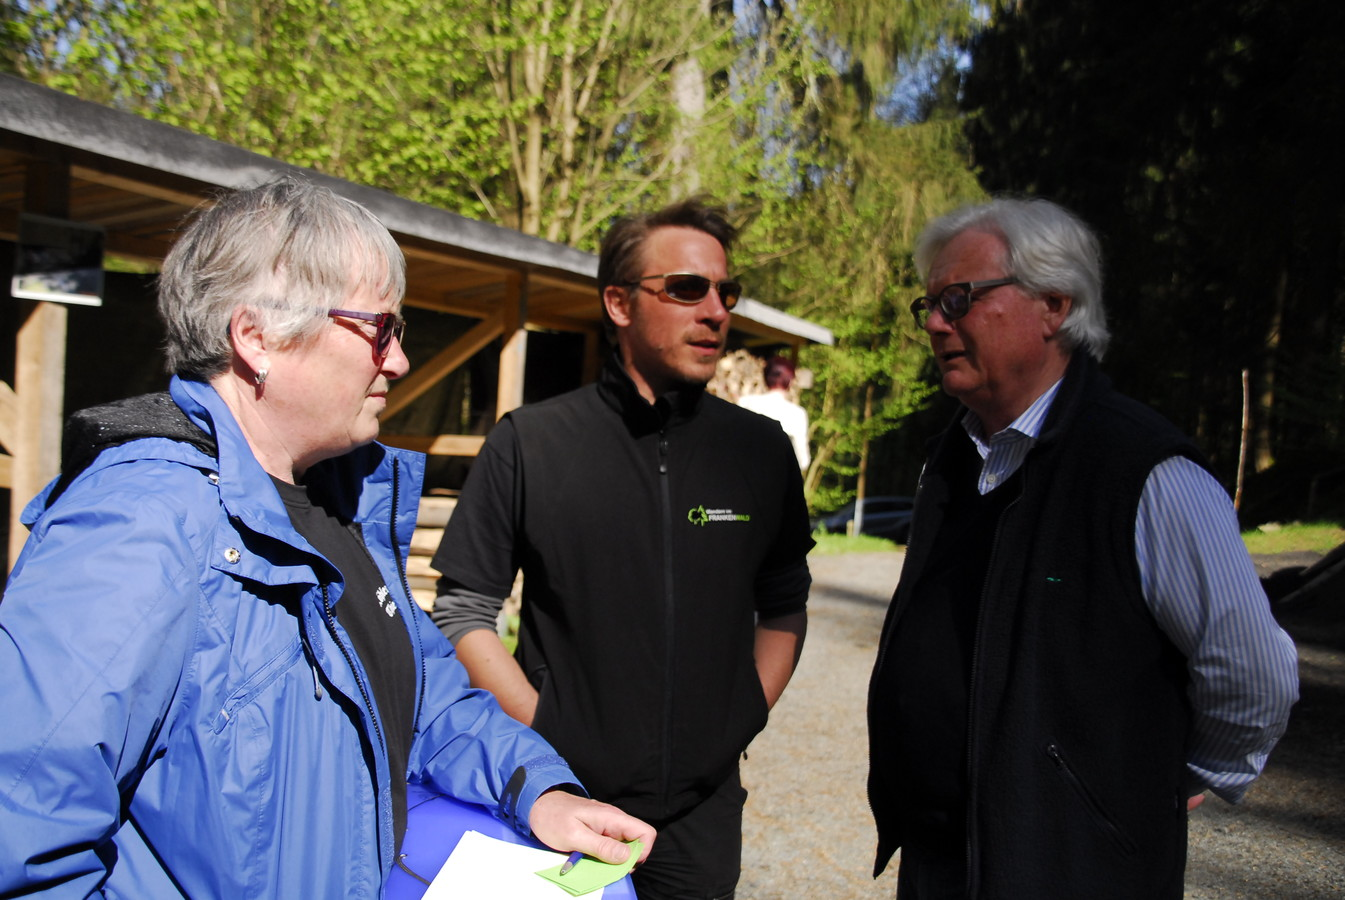 Wegemangager B. Stumpf im Gespräch mit dem Hauptvorsitzenden D. Frank und der Geschäftsführerin M. Roßner